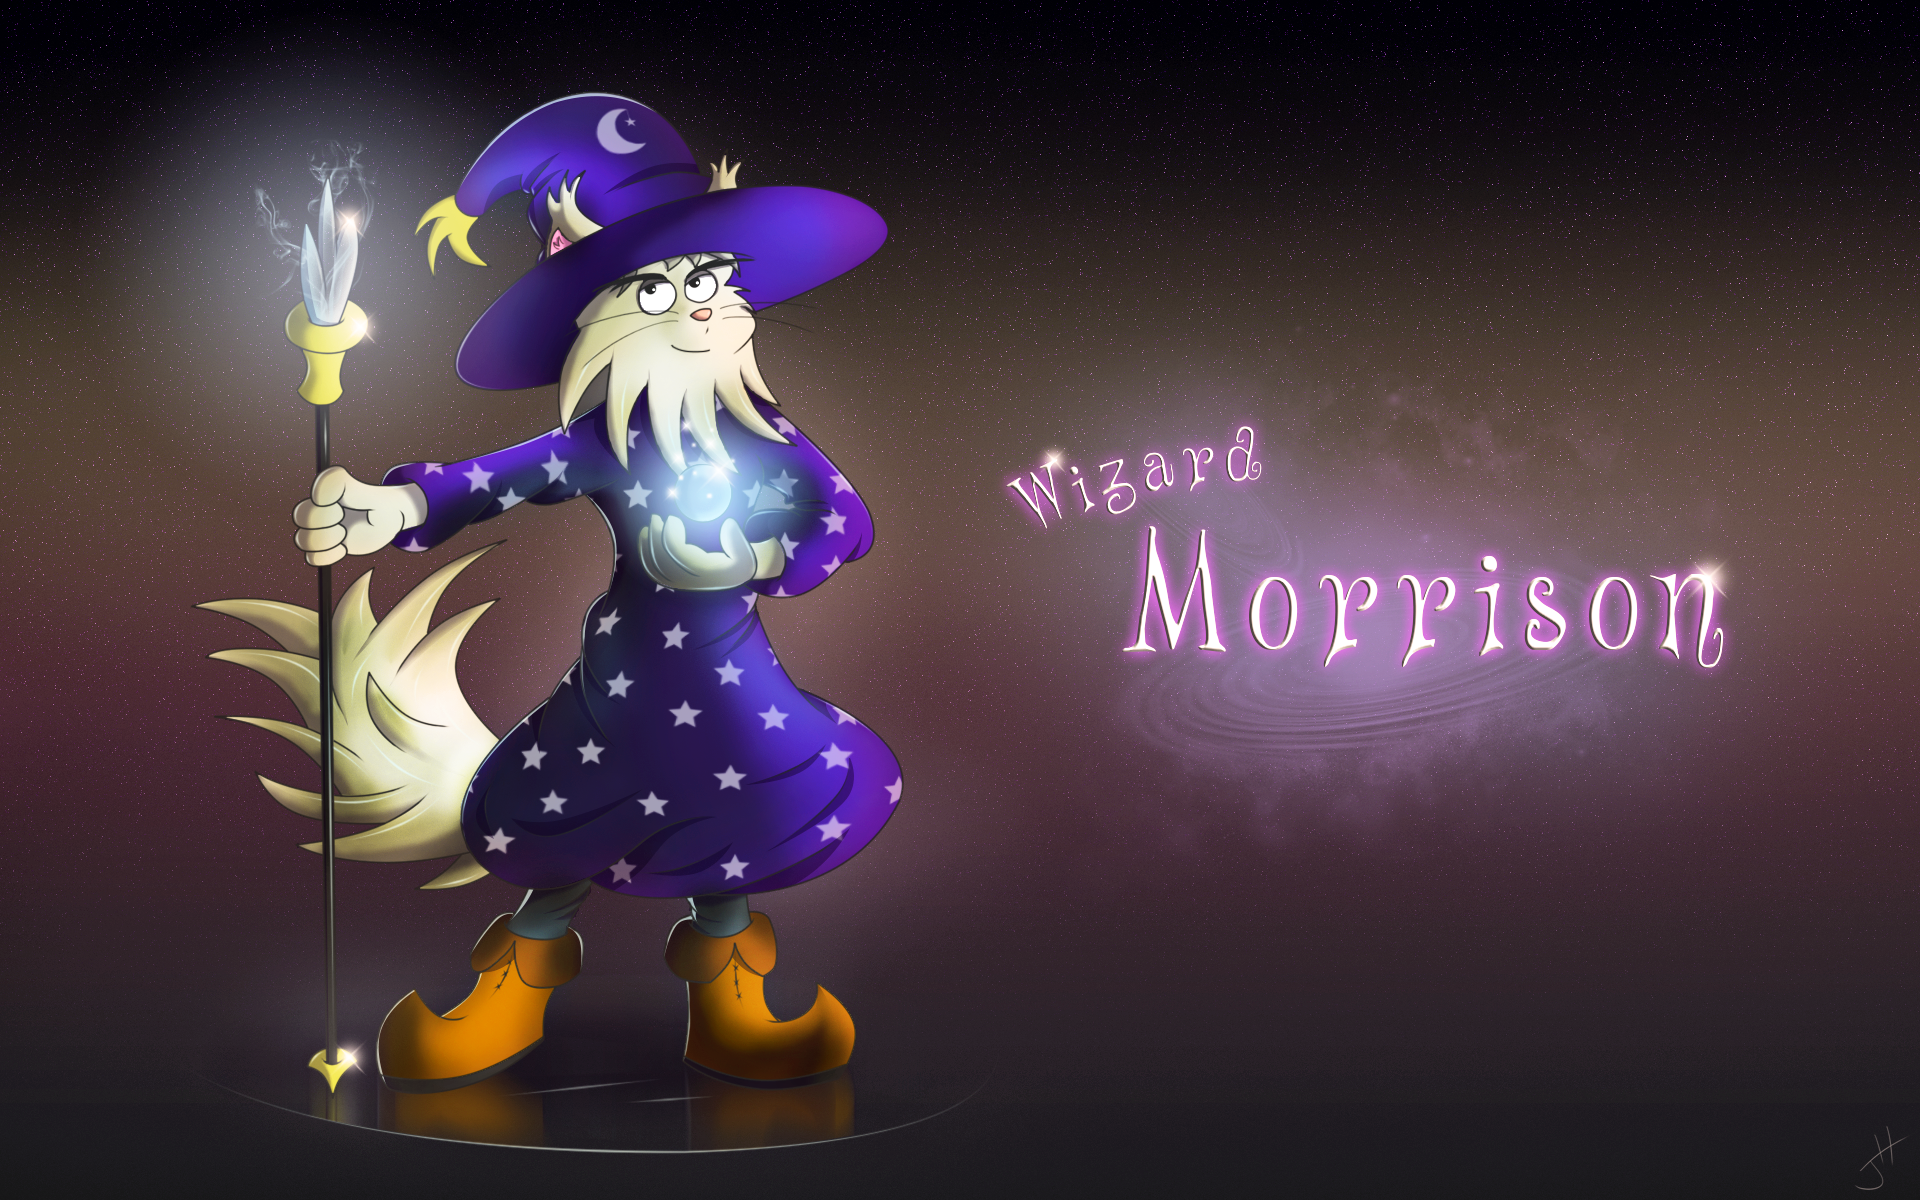 Wizard Morrison